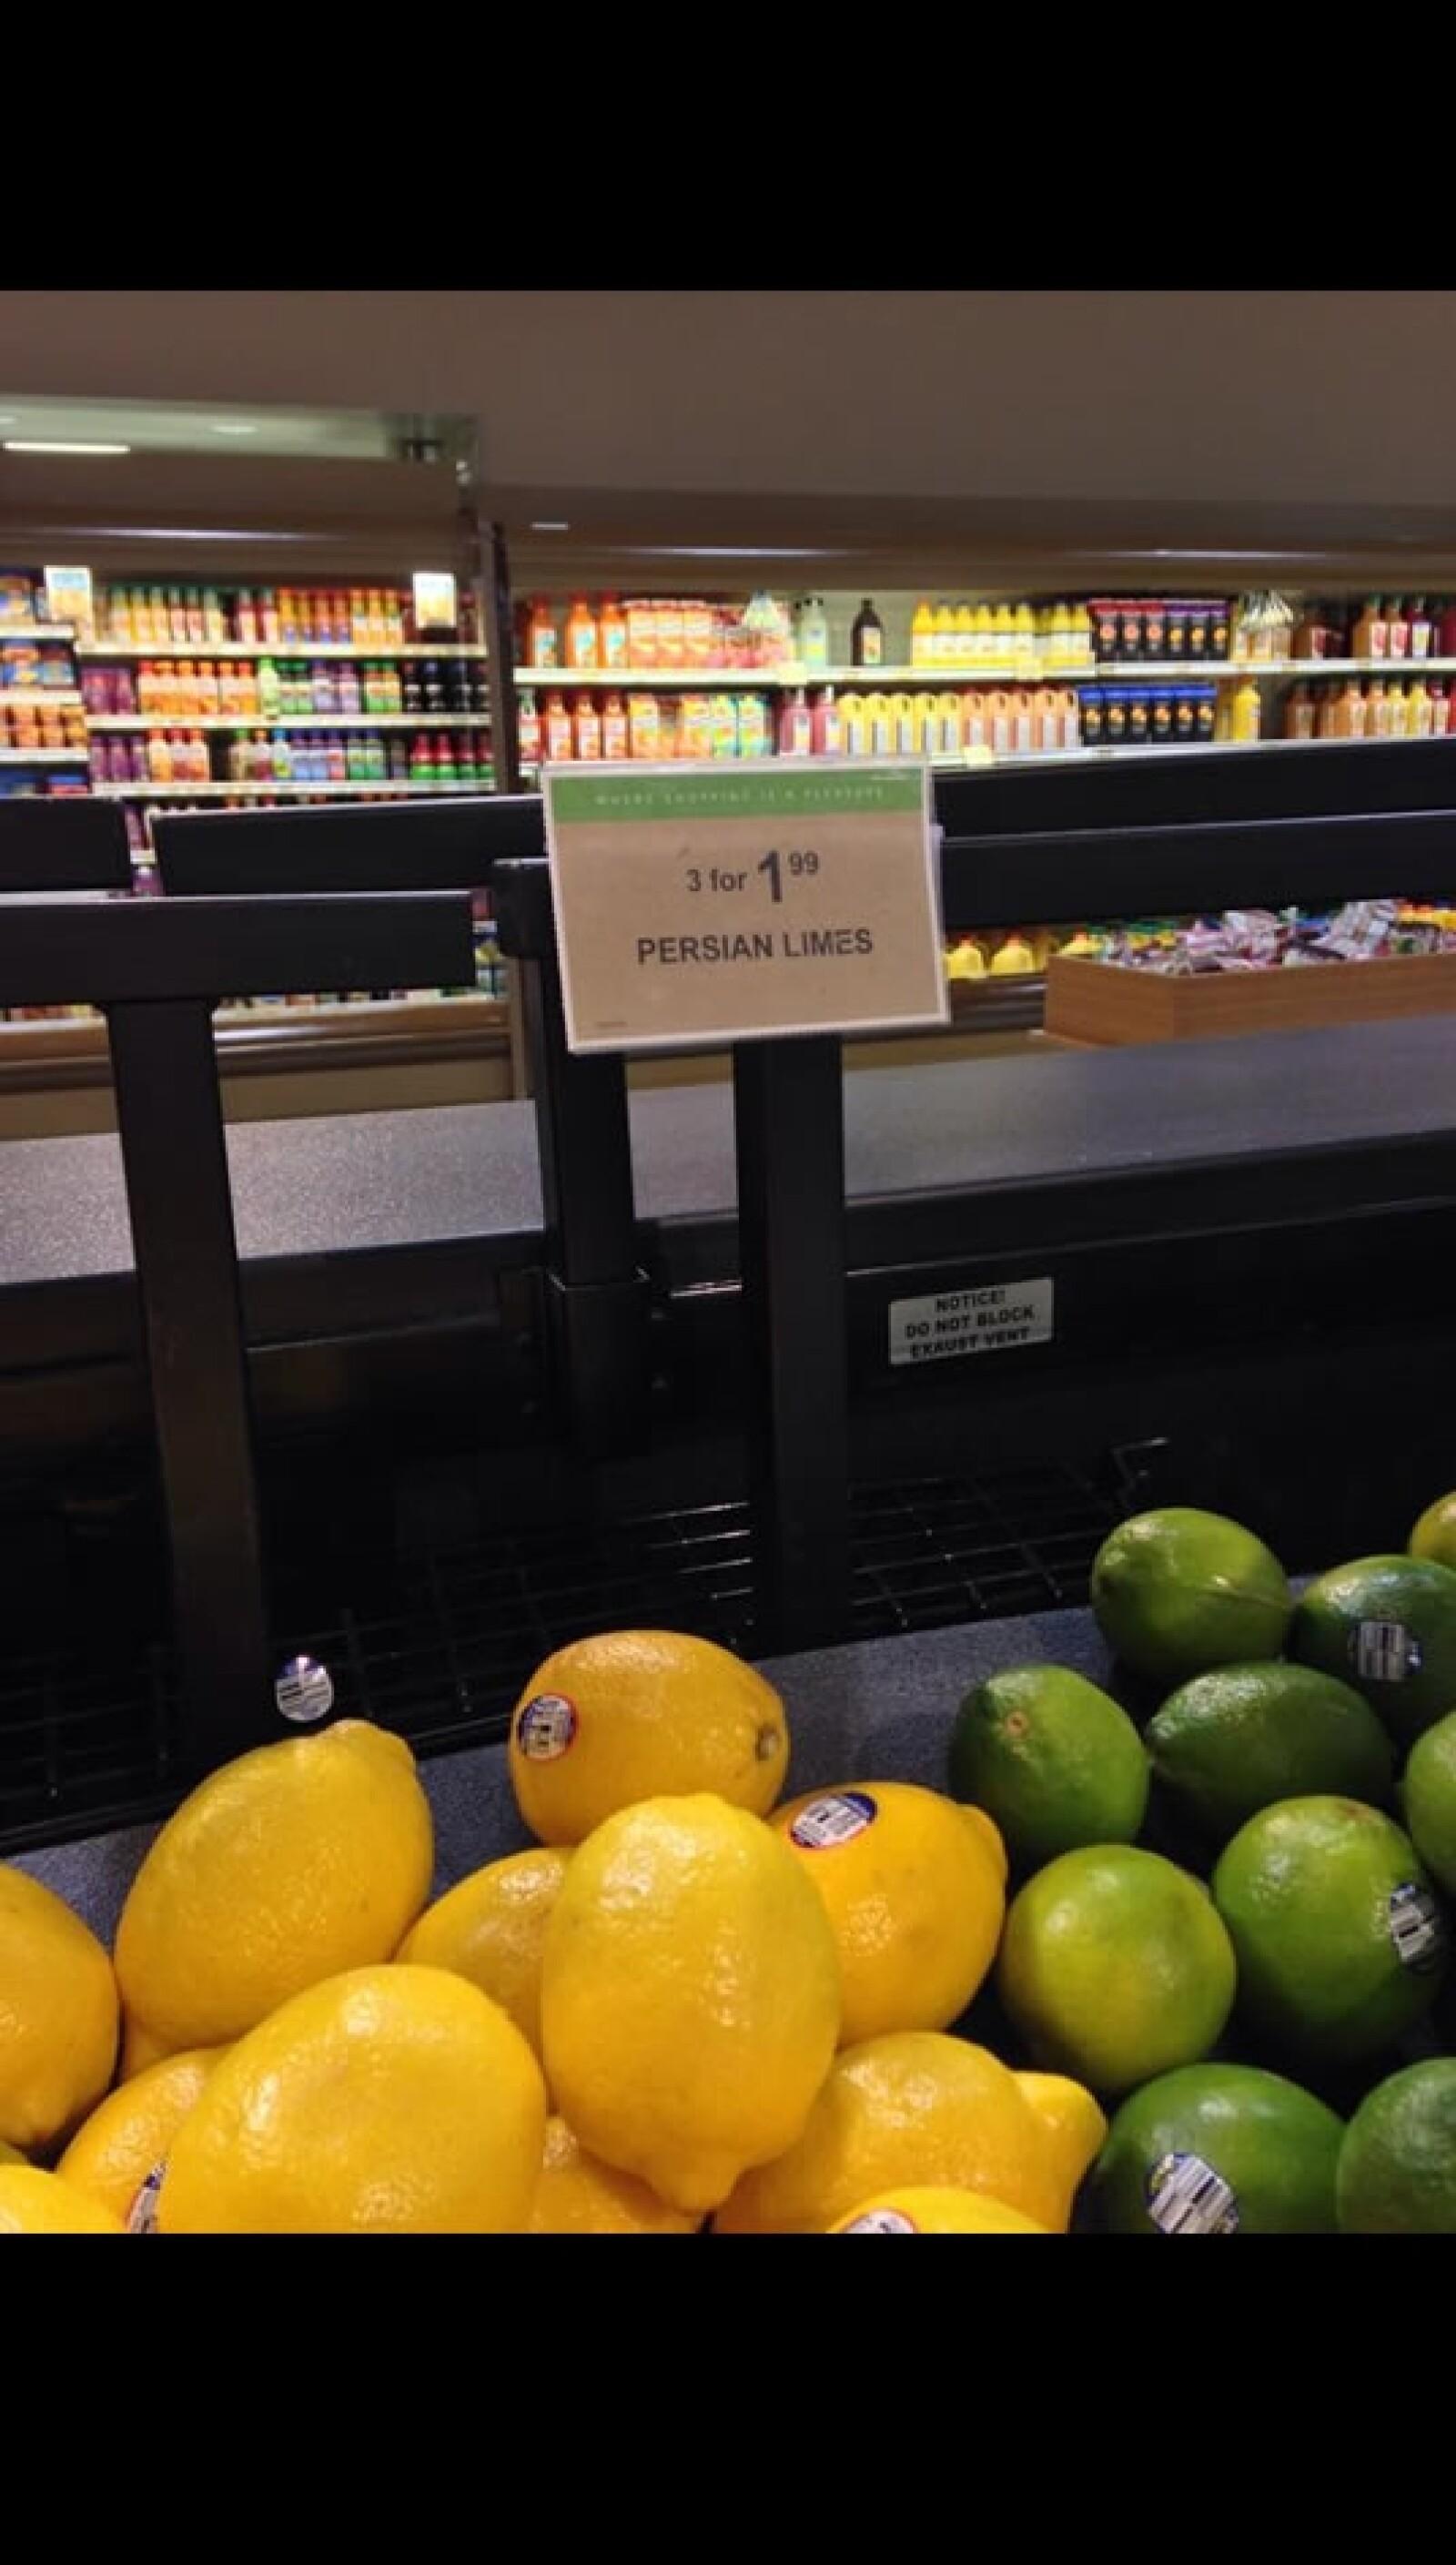 En este supermercado en Smyrna, Georgia, cada limón cuesta unos 66 centavos de dólar, es decir, poco más de 8 pesos mexicanos